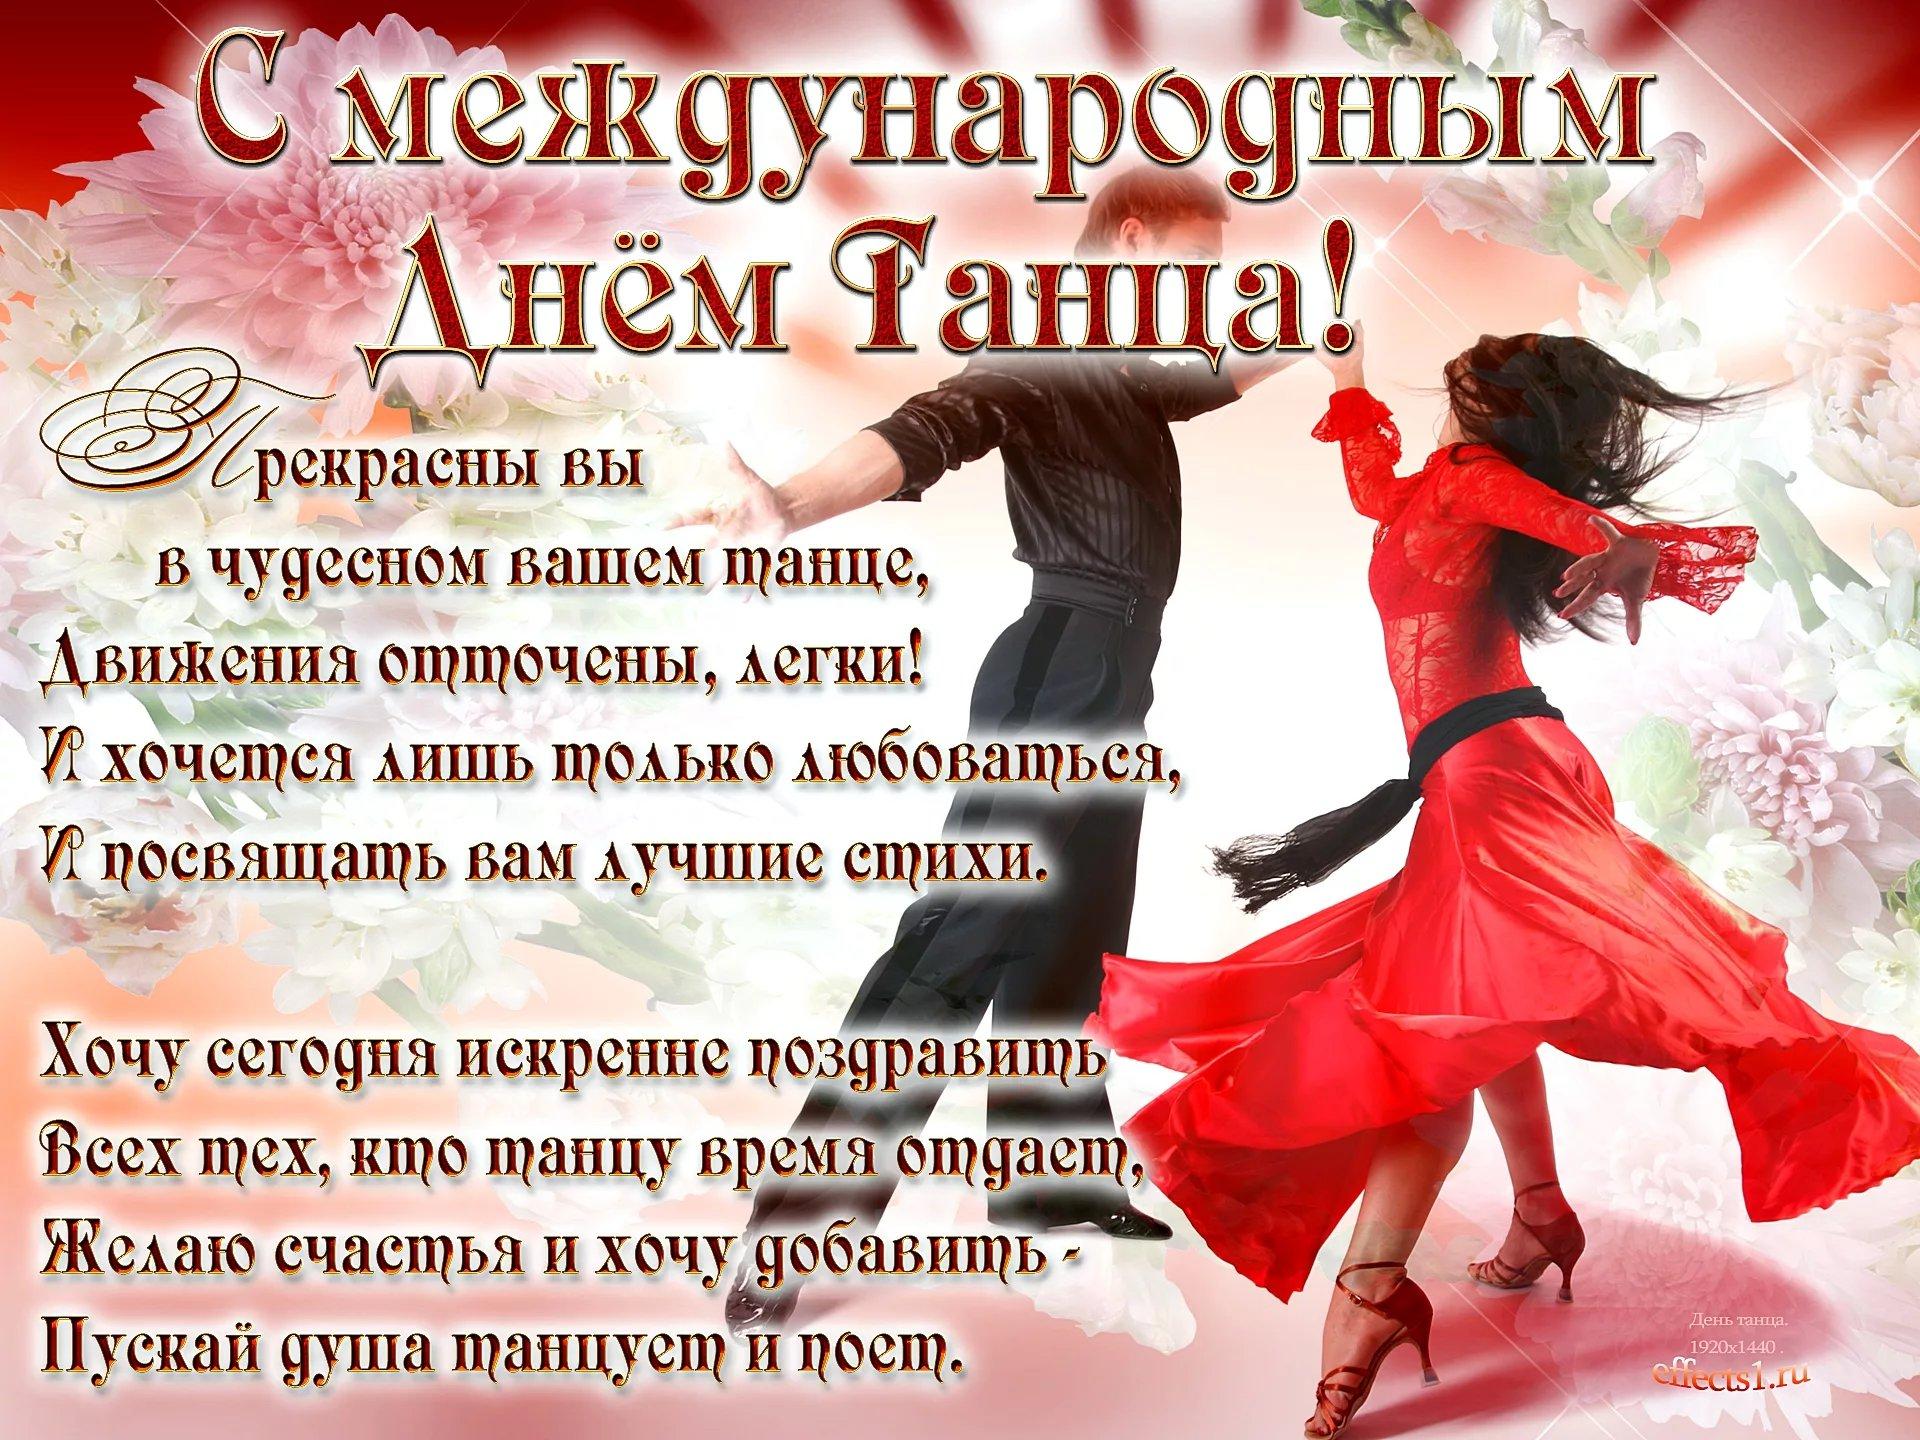 Поздравления с днём танца для мужчины 664